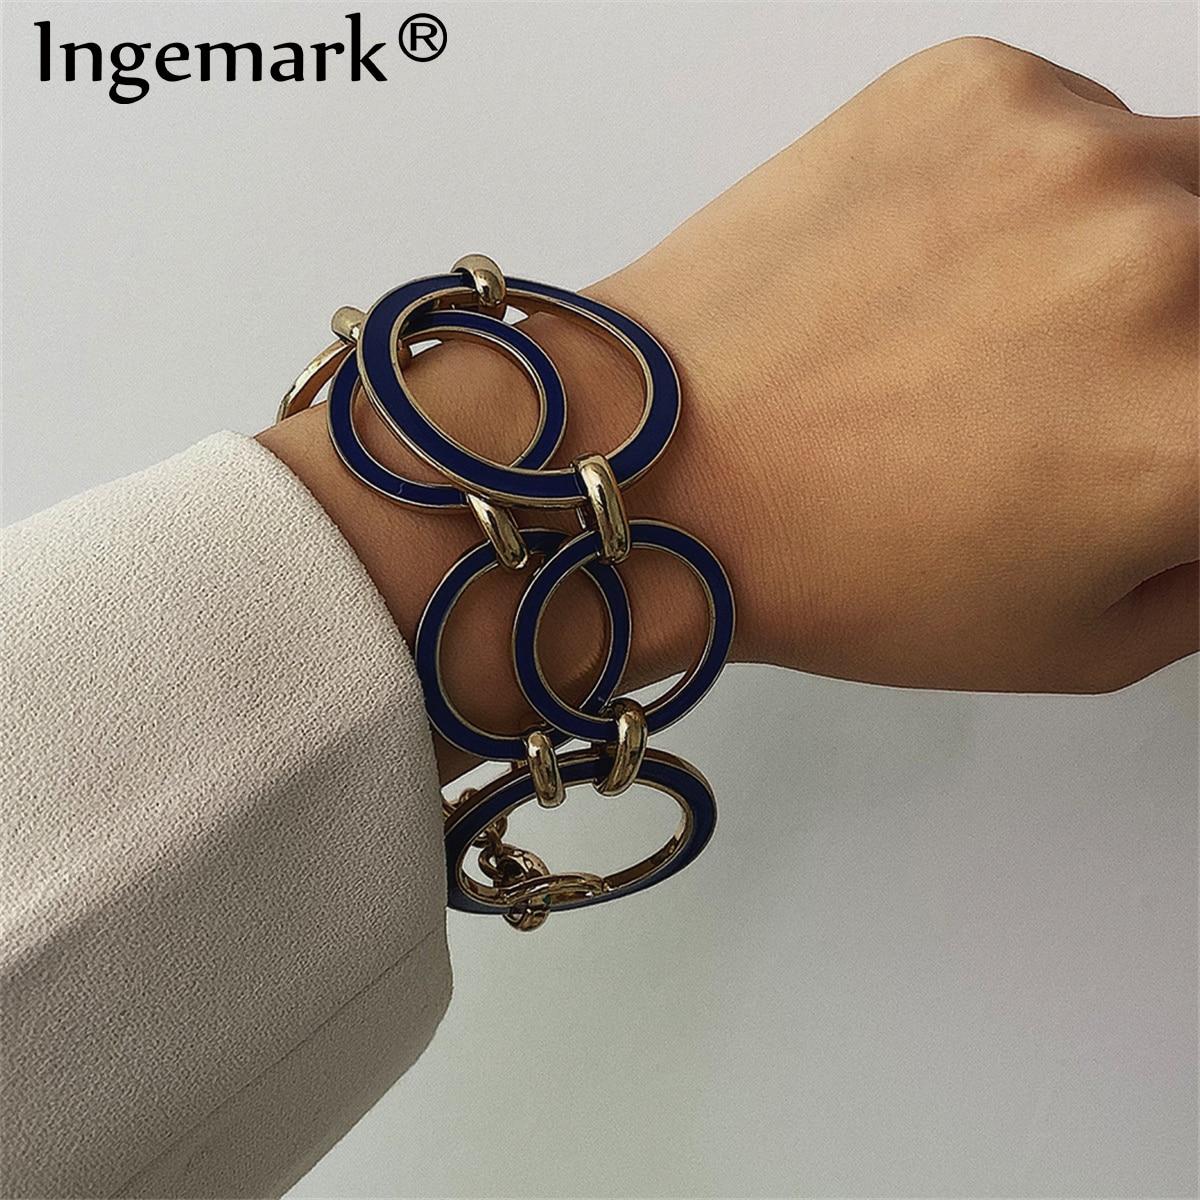 Ingemark vintage redondo bloqueio de corrente pulseiras pulseiras feminino braçadeira punk cor prata geométrica pulseira melhor feminino jóias presentes